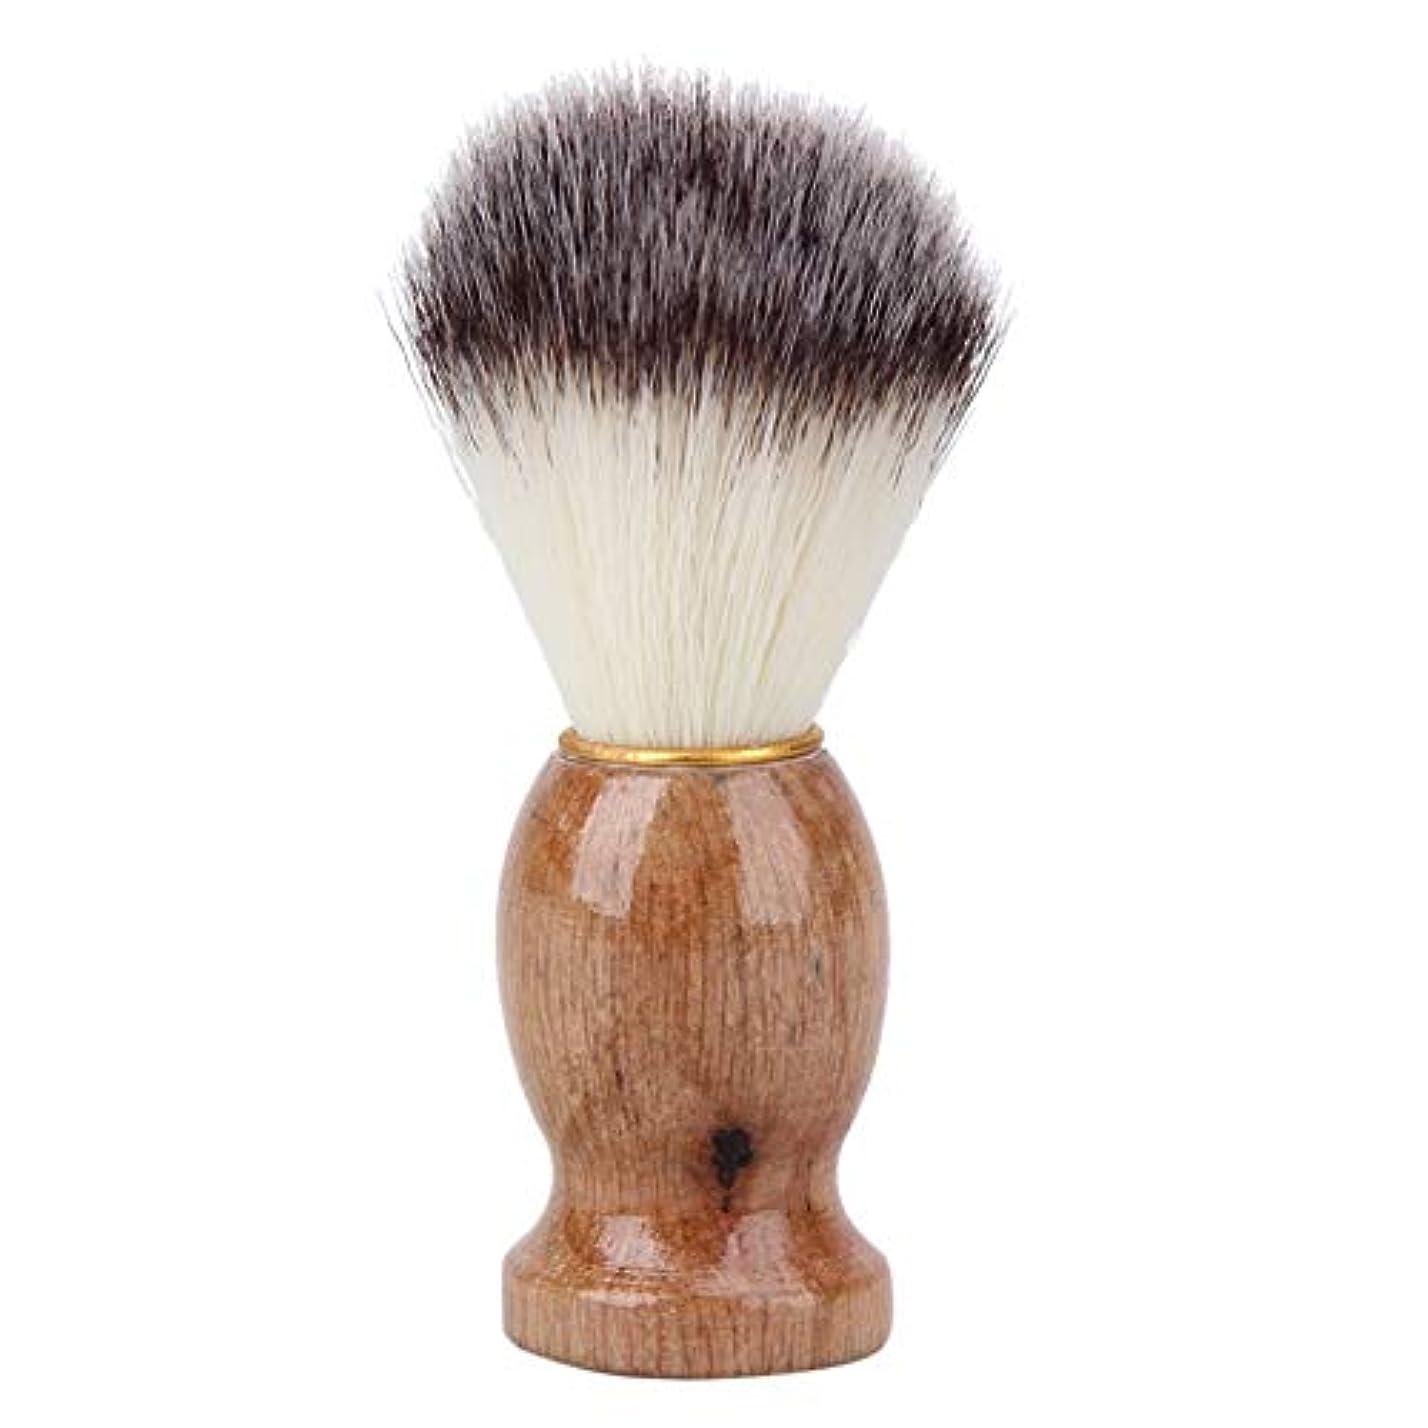 WTYD 美容ヘアツール ウッドハンドルヘアシェービングブラシ洗顔ブラシひげ剃りサロンアナグマヘアツールかみそりブラシ